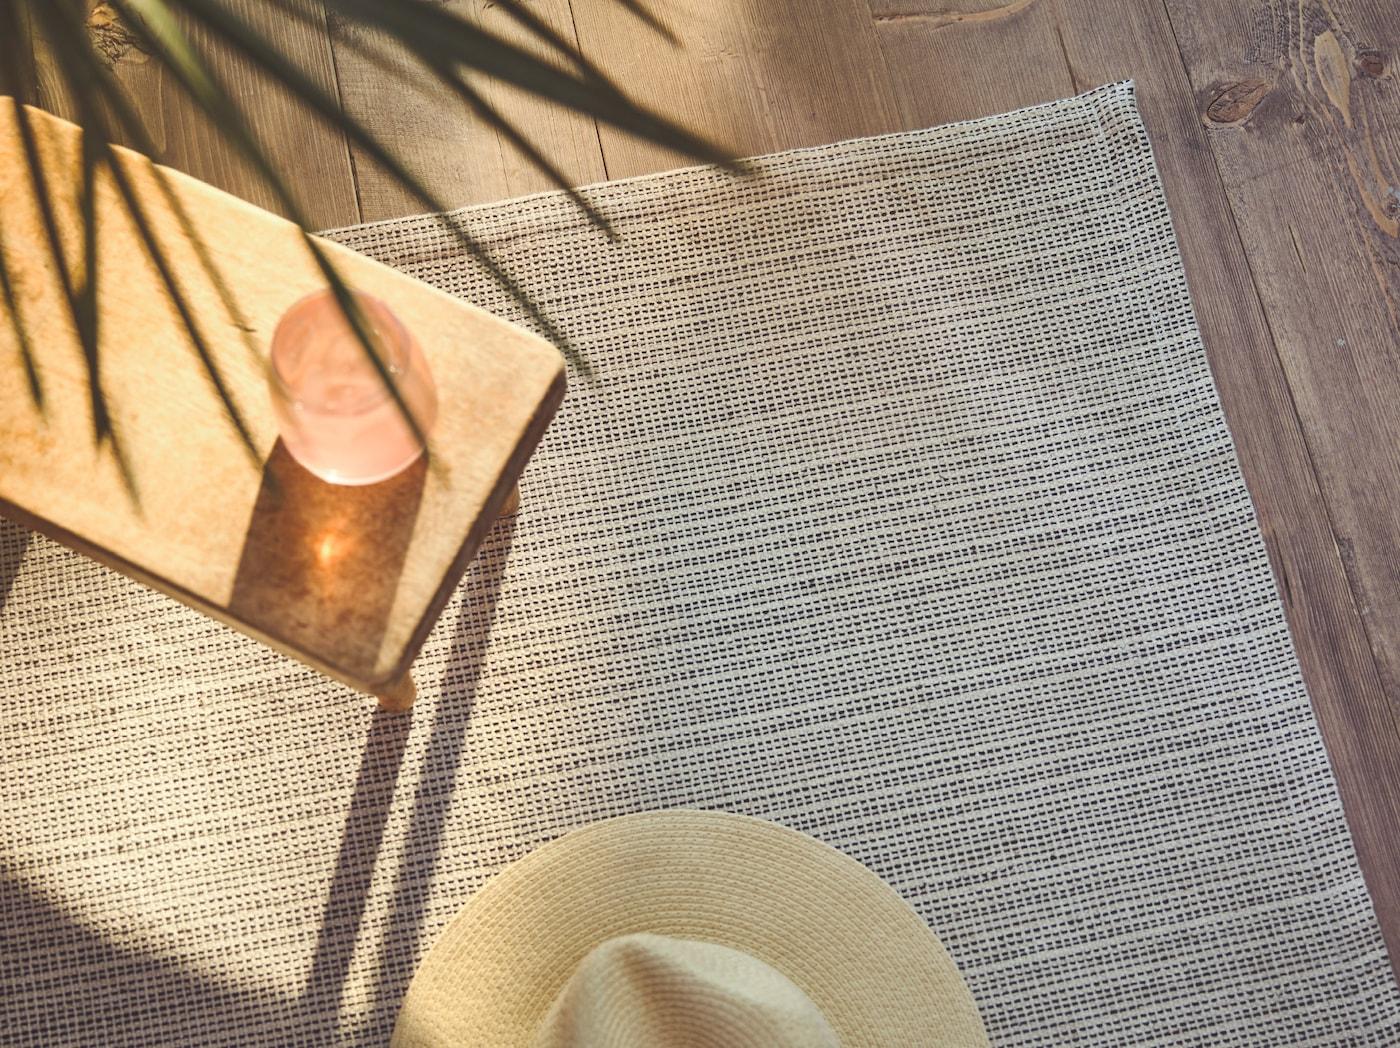 صورة مقربة لسجادة TIPHEDE حياكة مسطحة مع طاولة جانبية عليها قبعة كبيرة، بينما ينساب ضوء الشمس على أحد الجانبين.